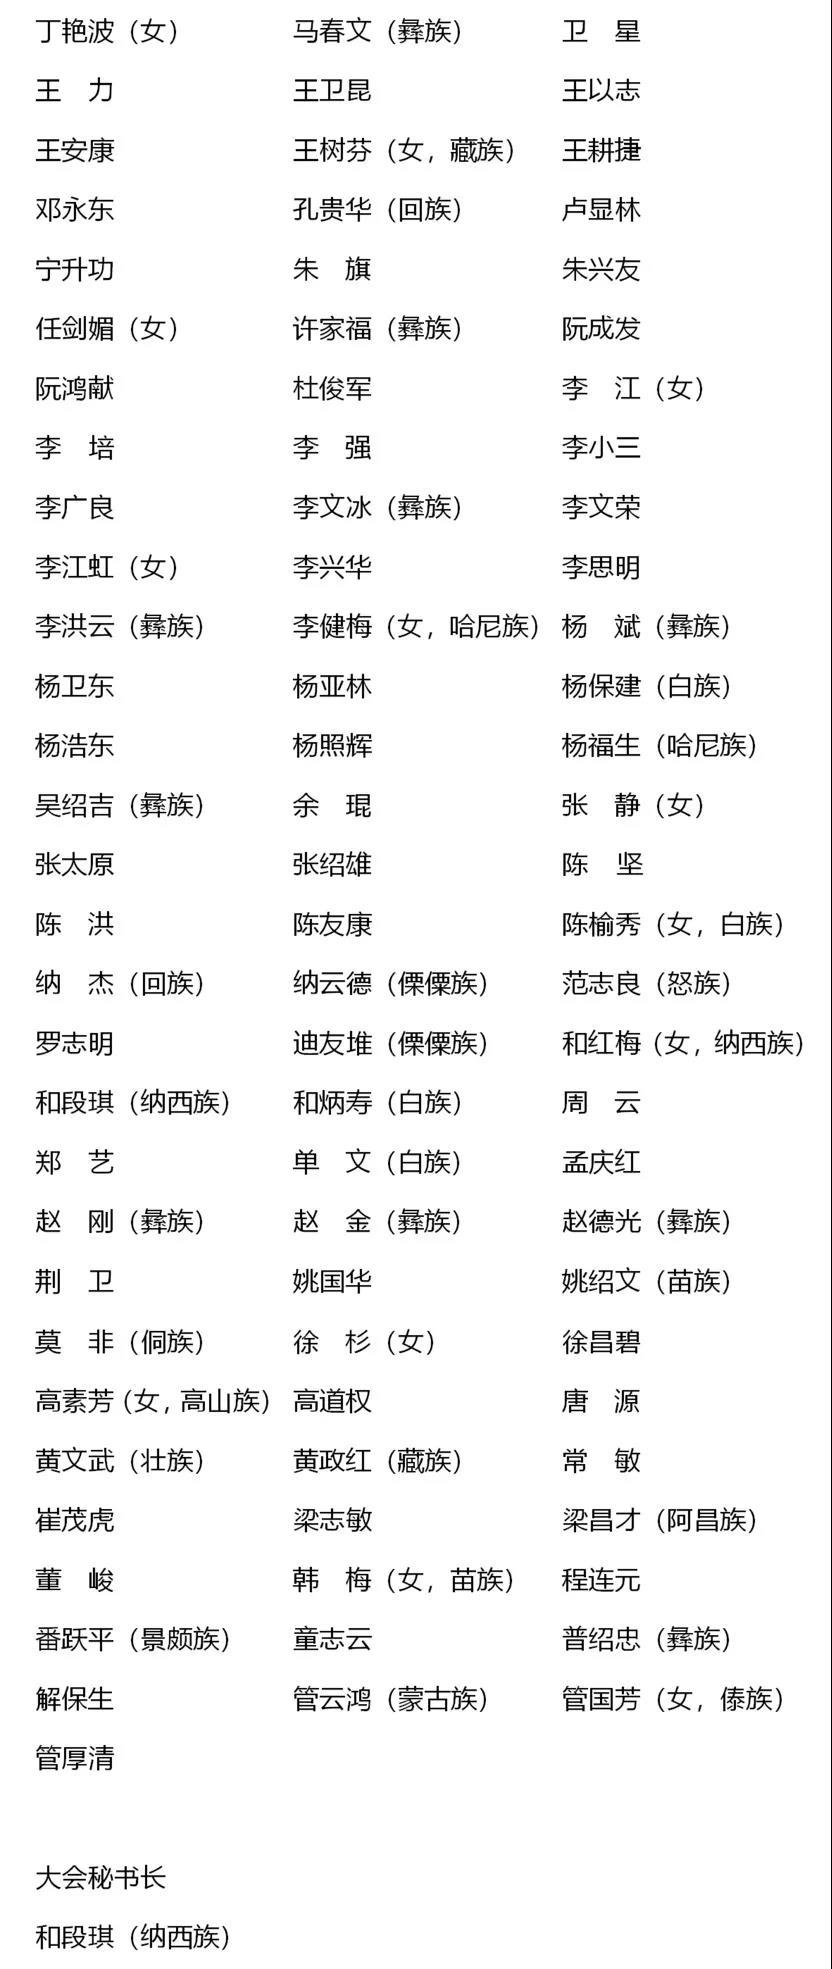 云南省第十三届人民代表大会第四次会议主席团和秘书长名单、主席团常务主席名单公布